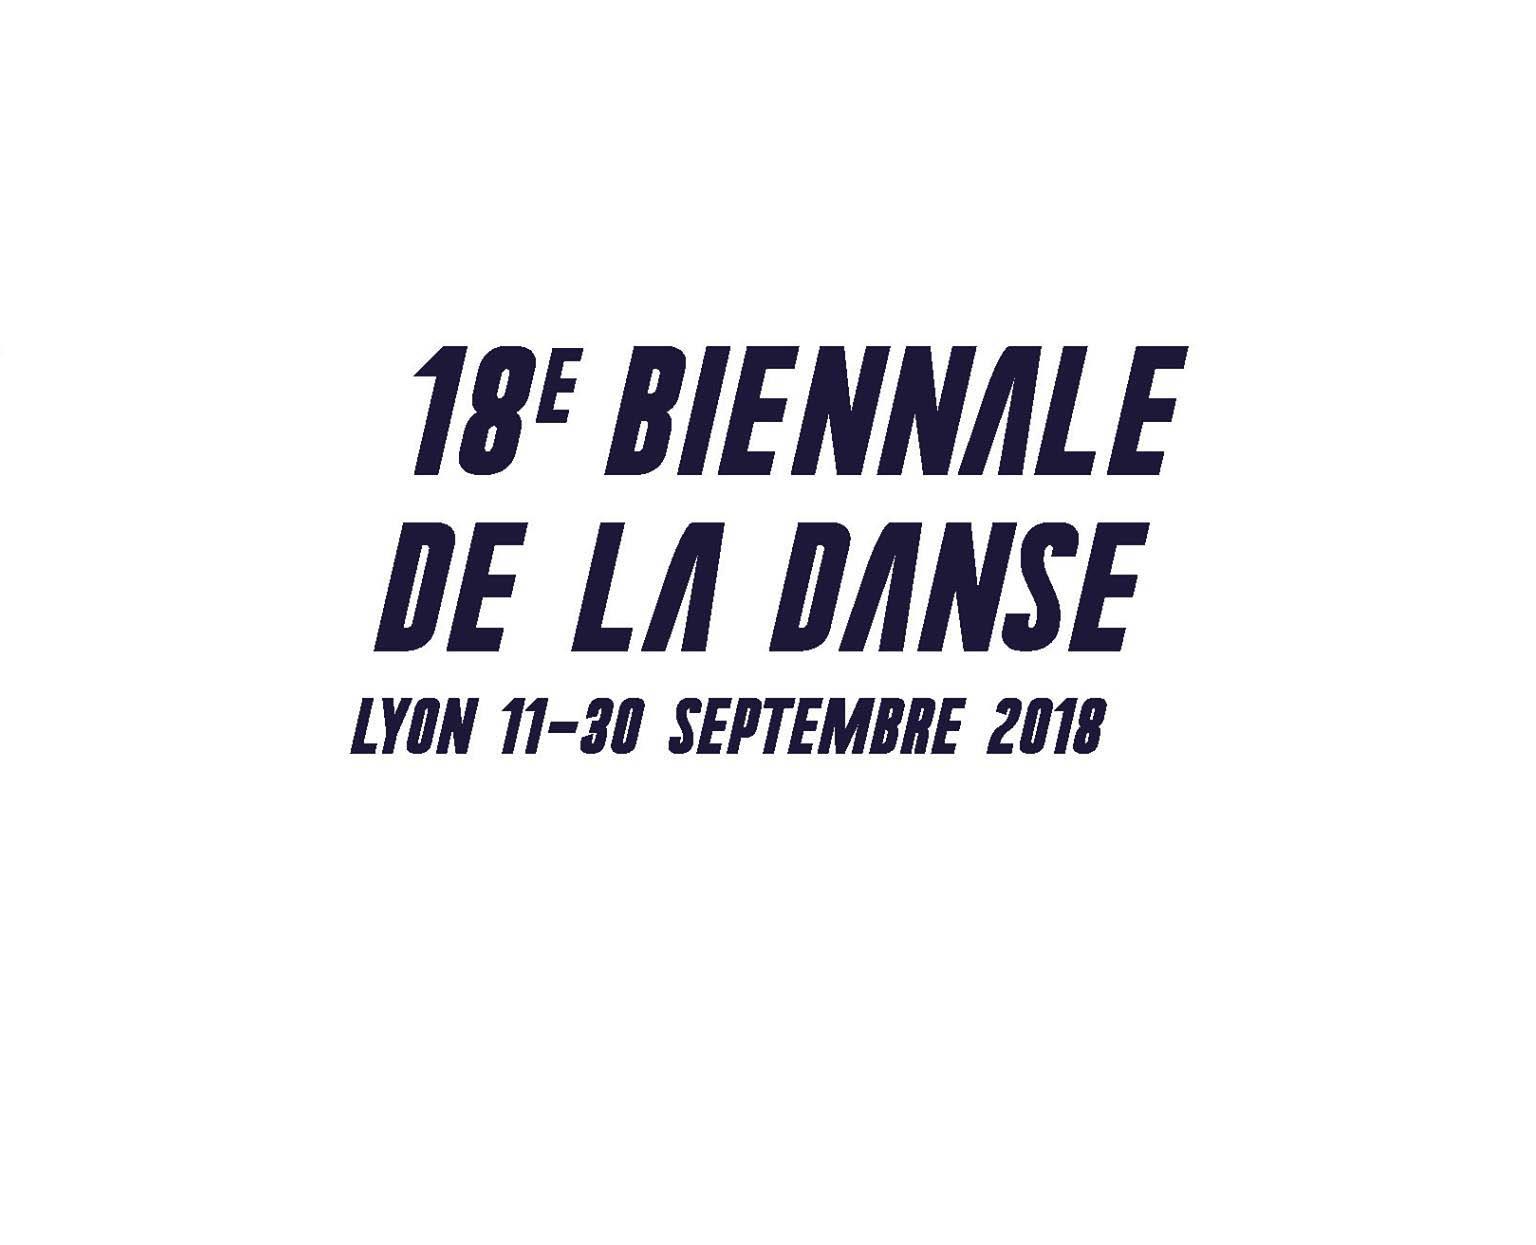 Biennale de la Danse 2018